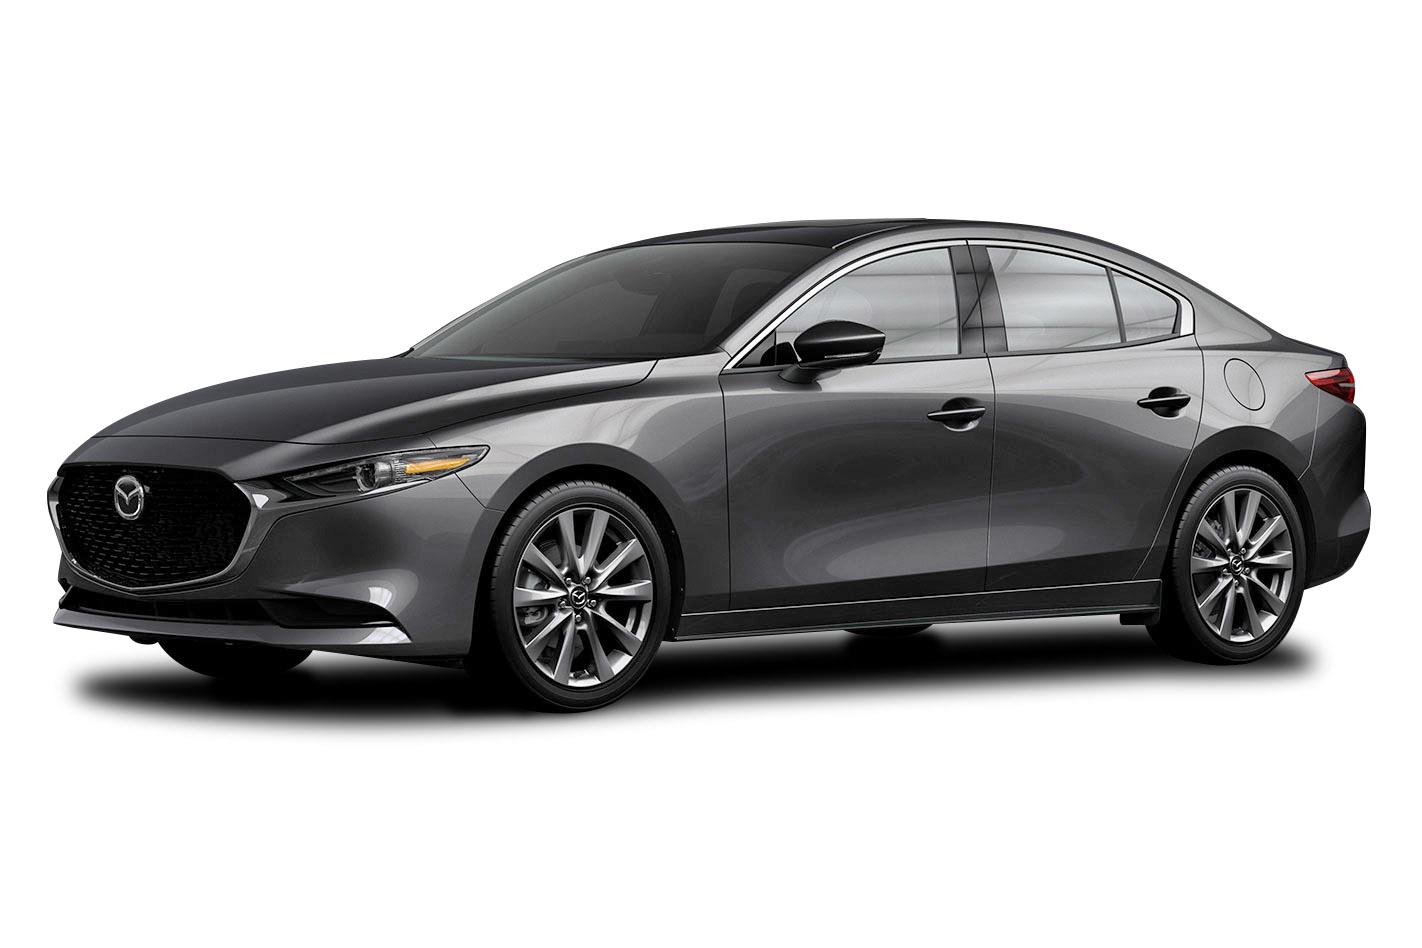 2020 Mazda 3 G20 Pure 2 0l 4cyl Petrol Manual Sedan